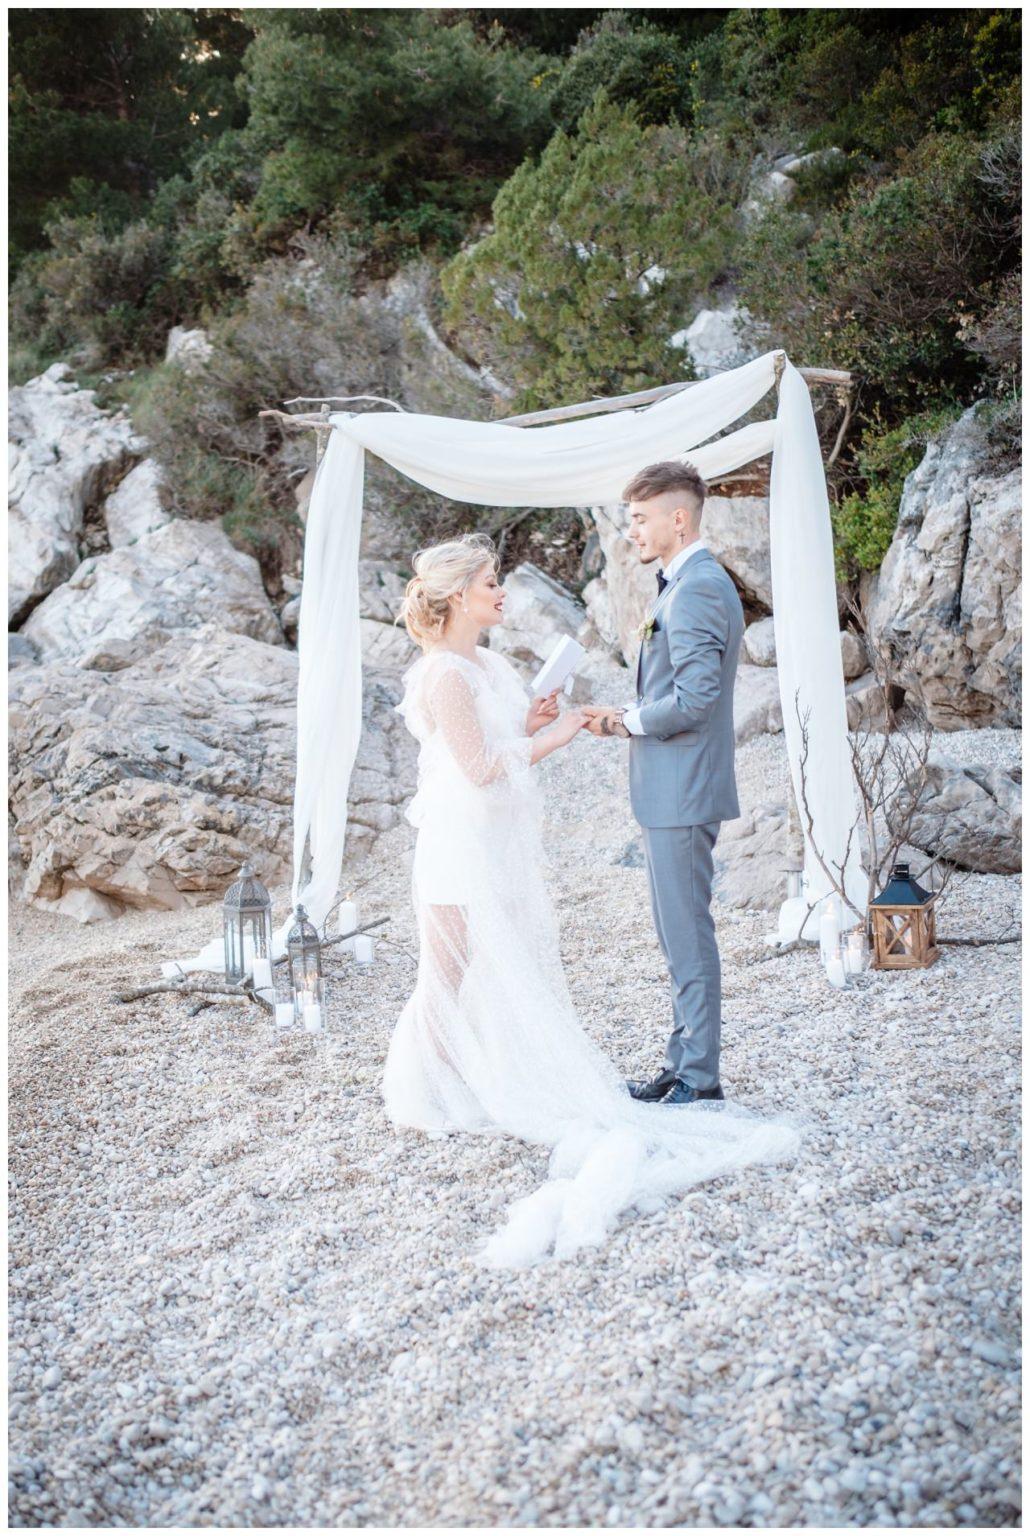 Hochzeit Strand Kroatien Hochzetsplanung Hochzeitsplaner Fotograf 10 - Kleine Hochzeit am Strand